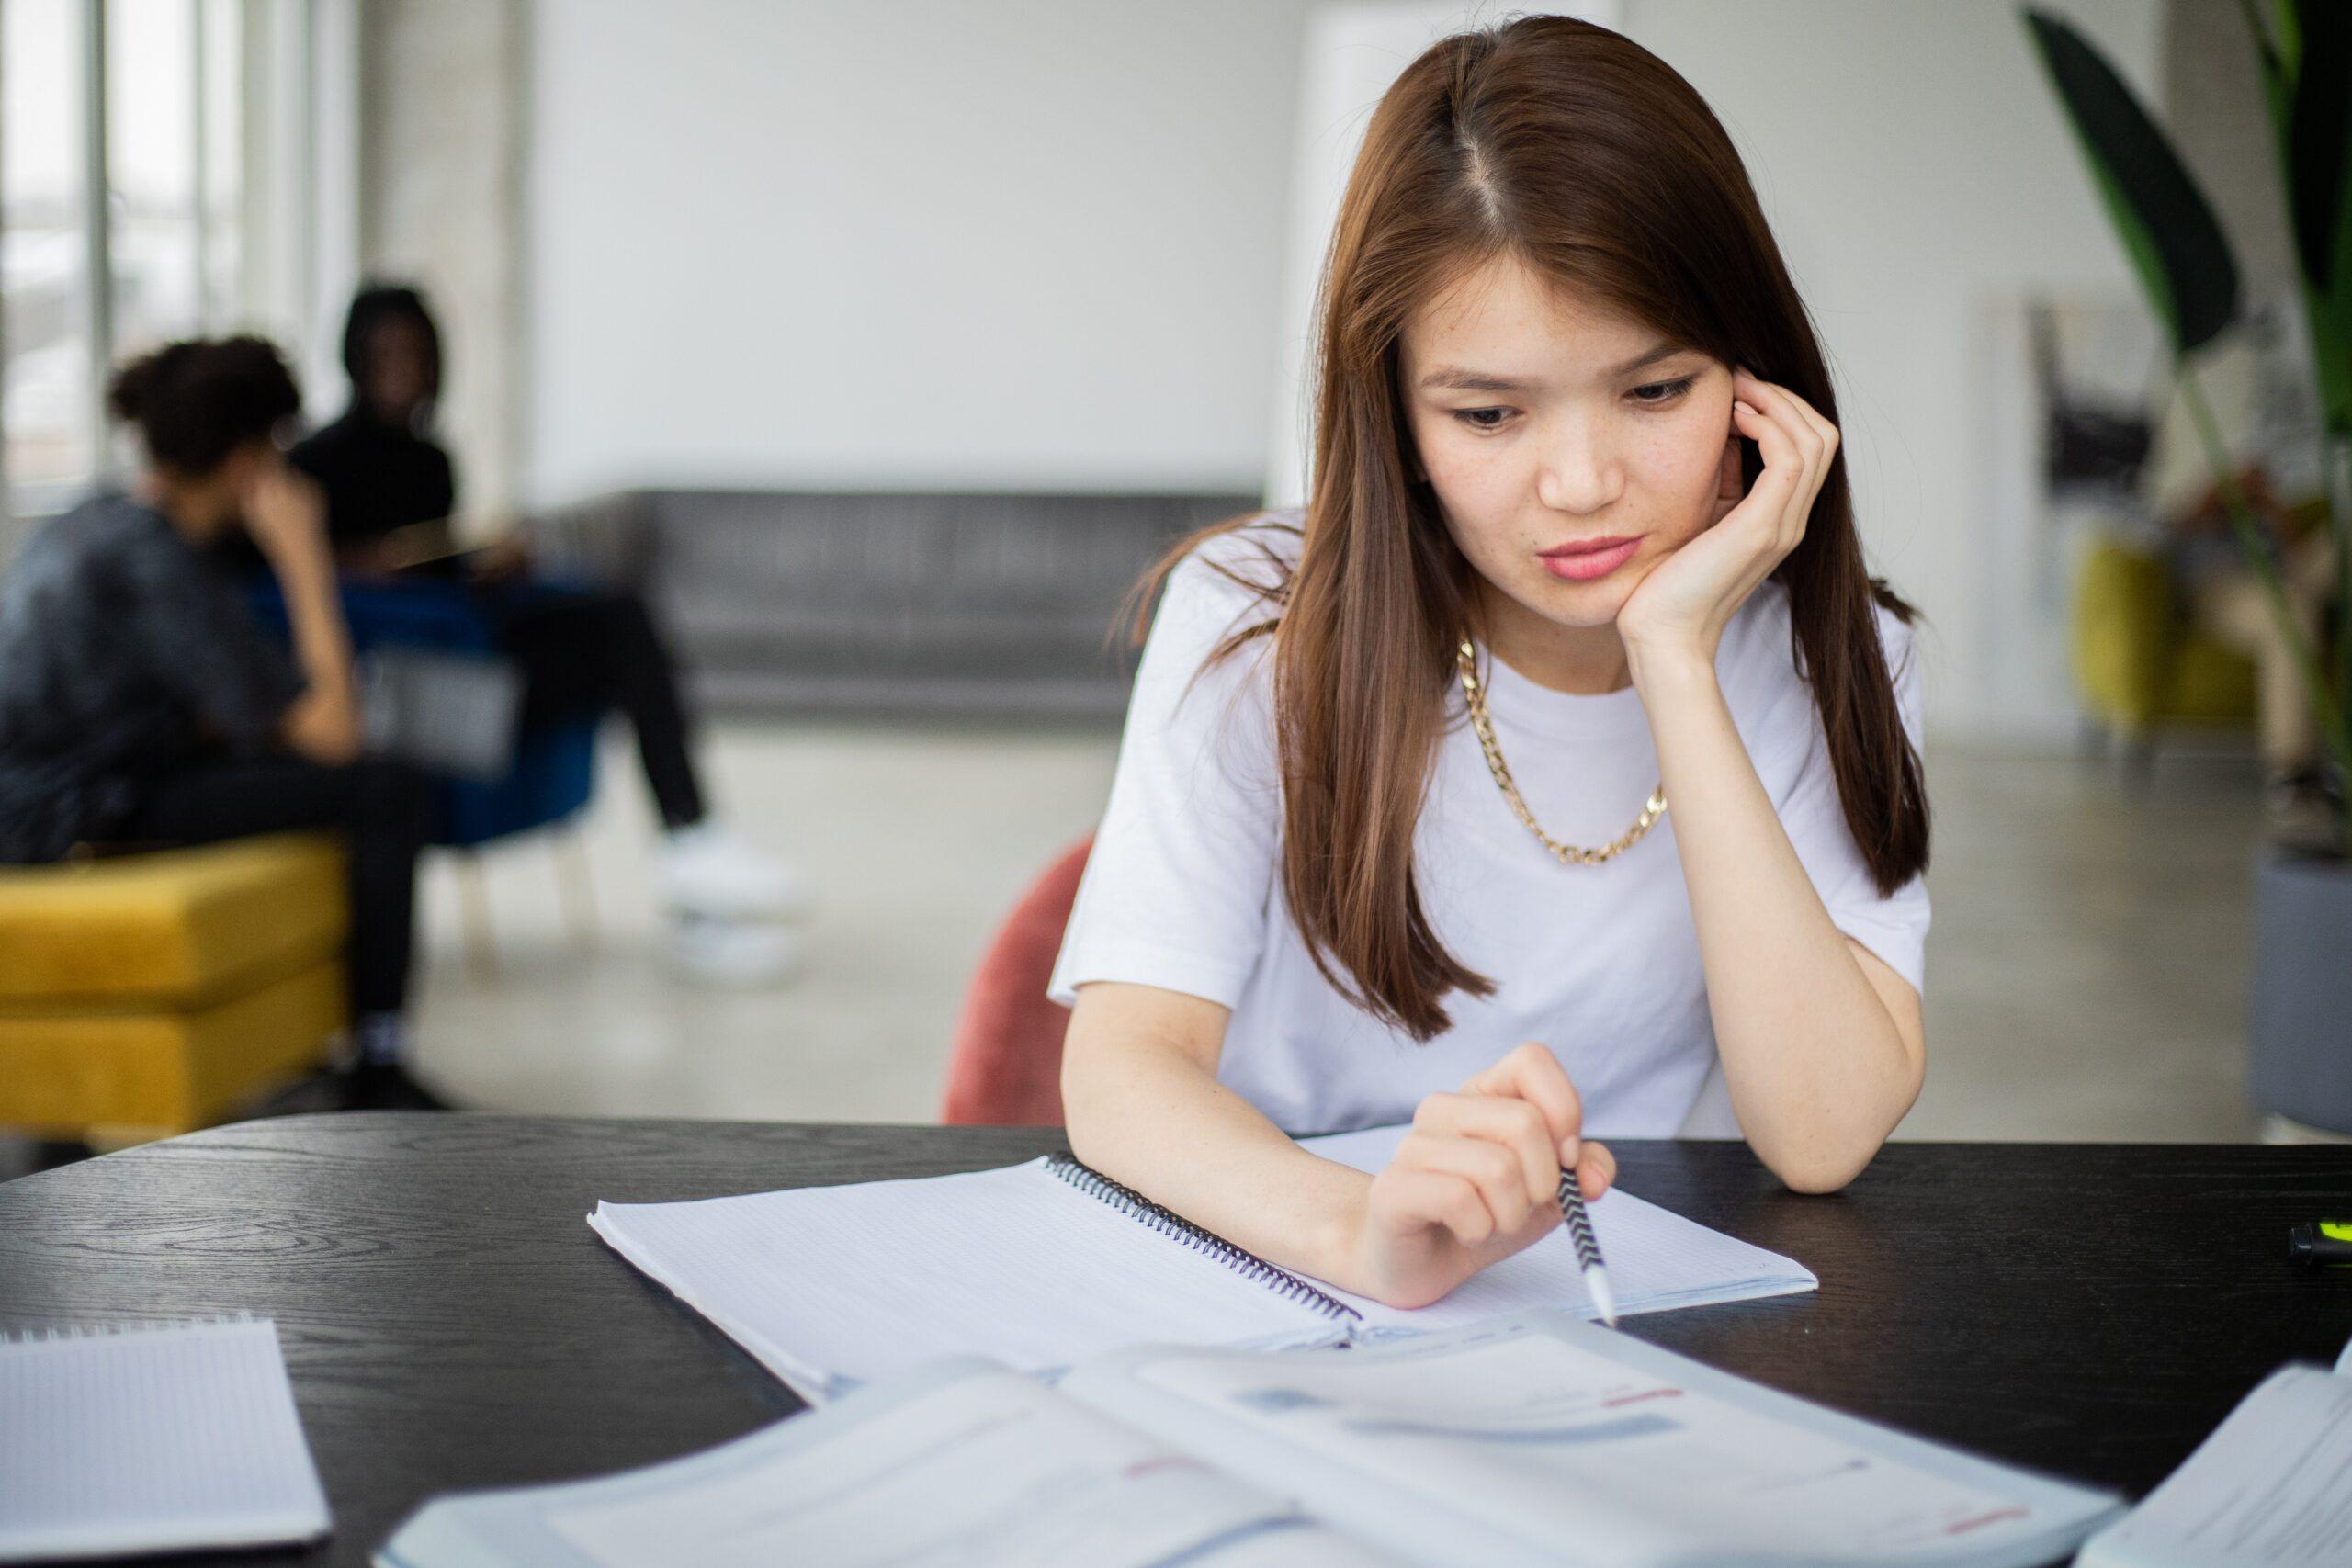 転職活動が会社にばれる原因と対処法をわりやすく解説